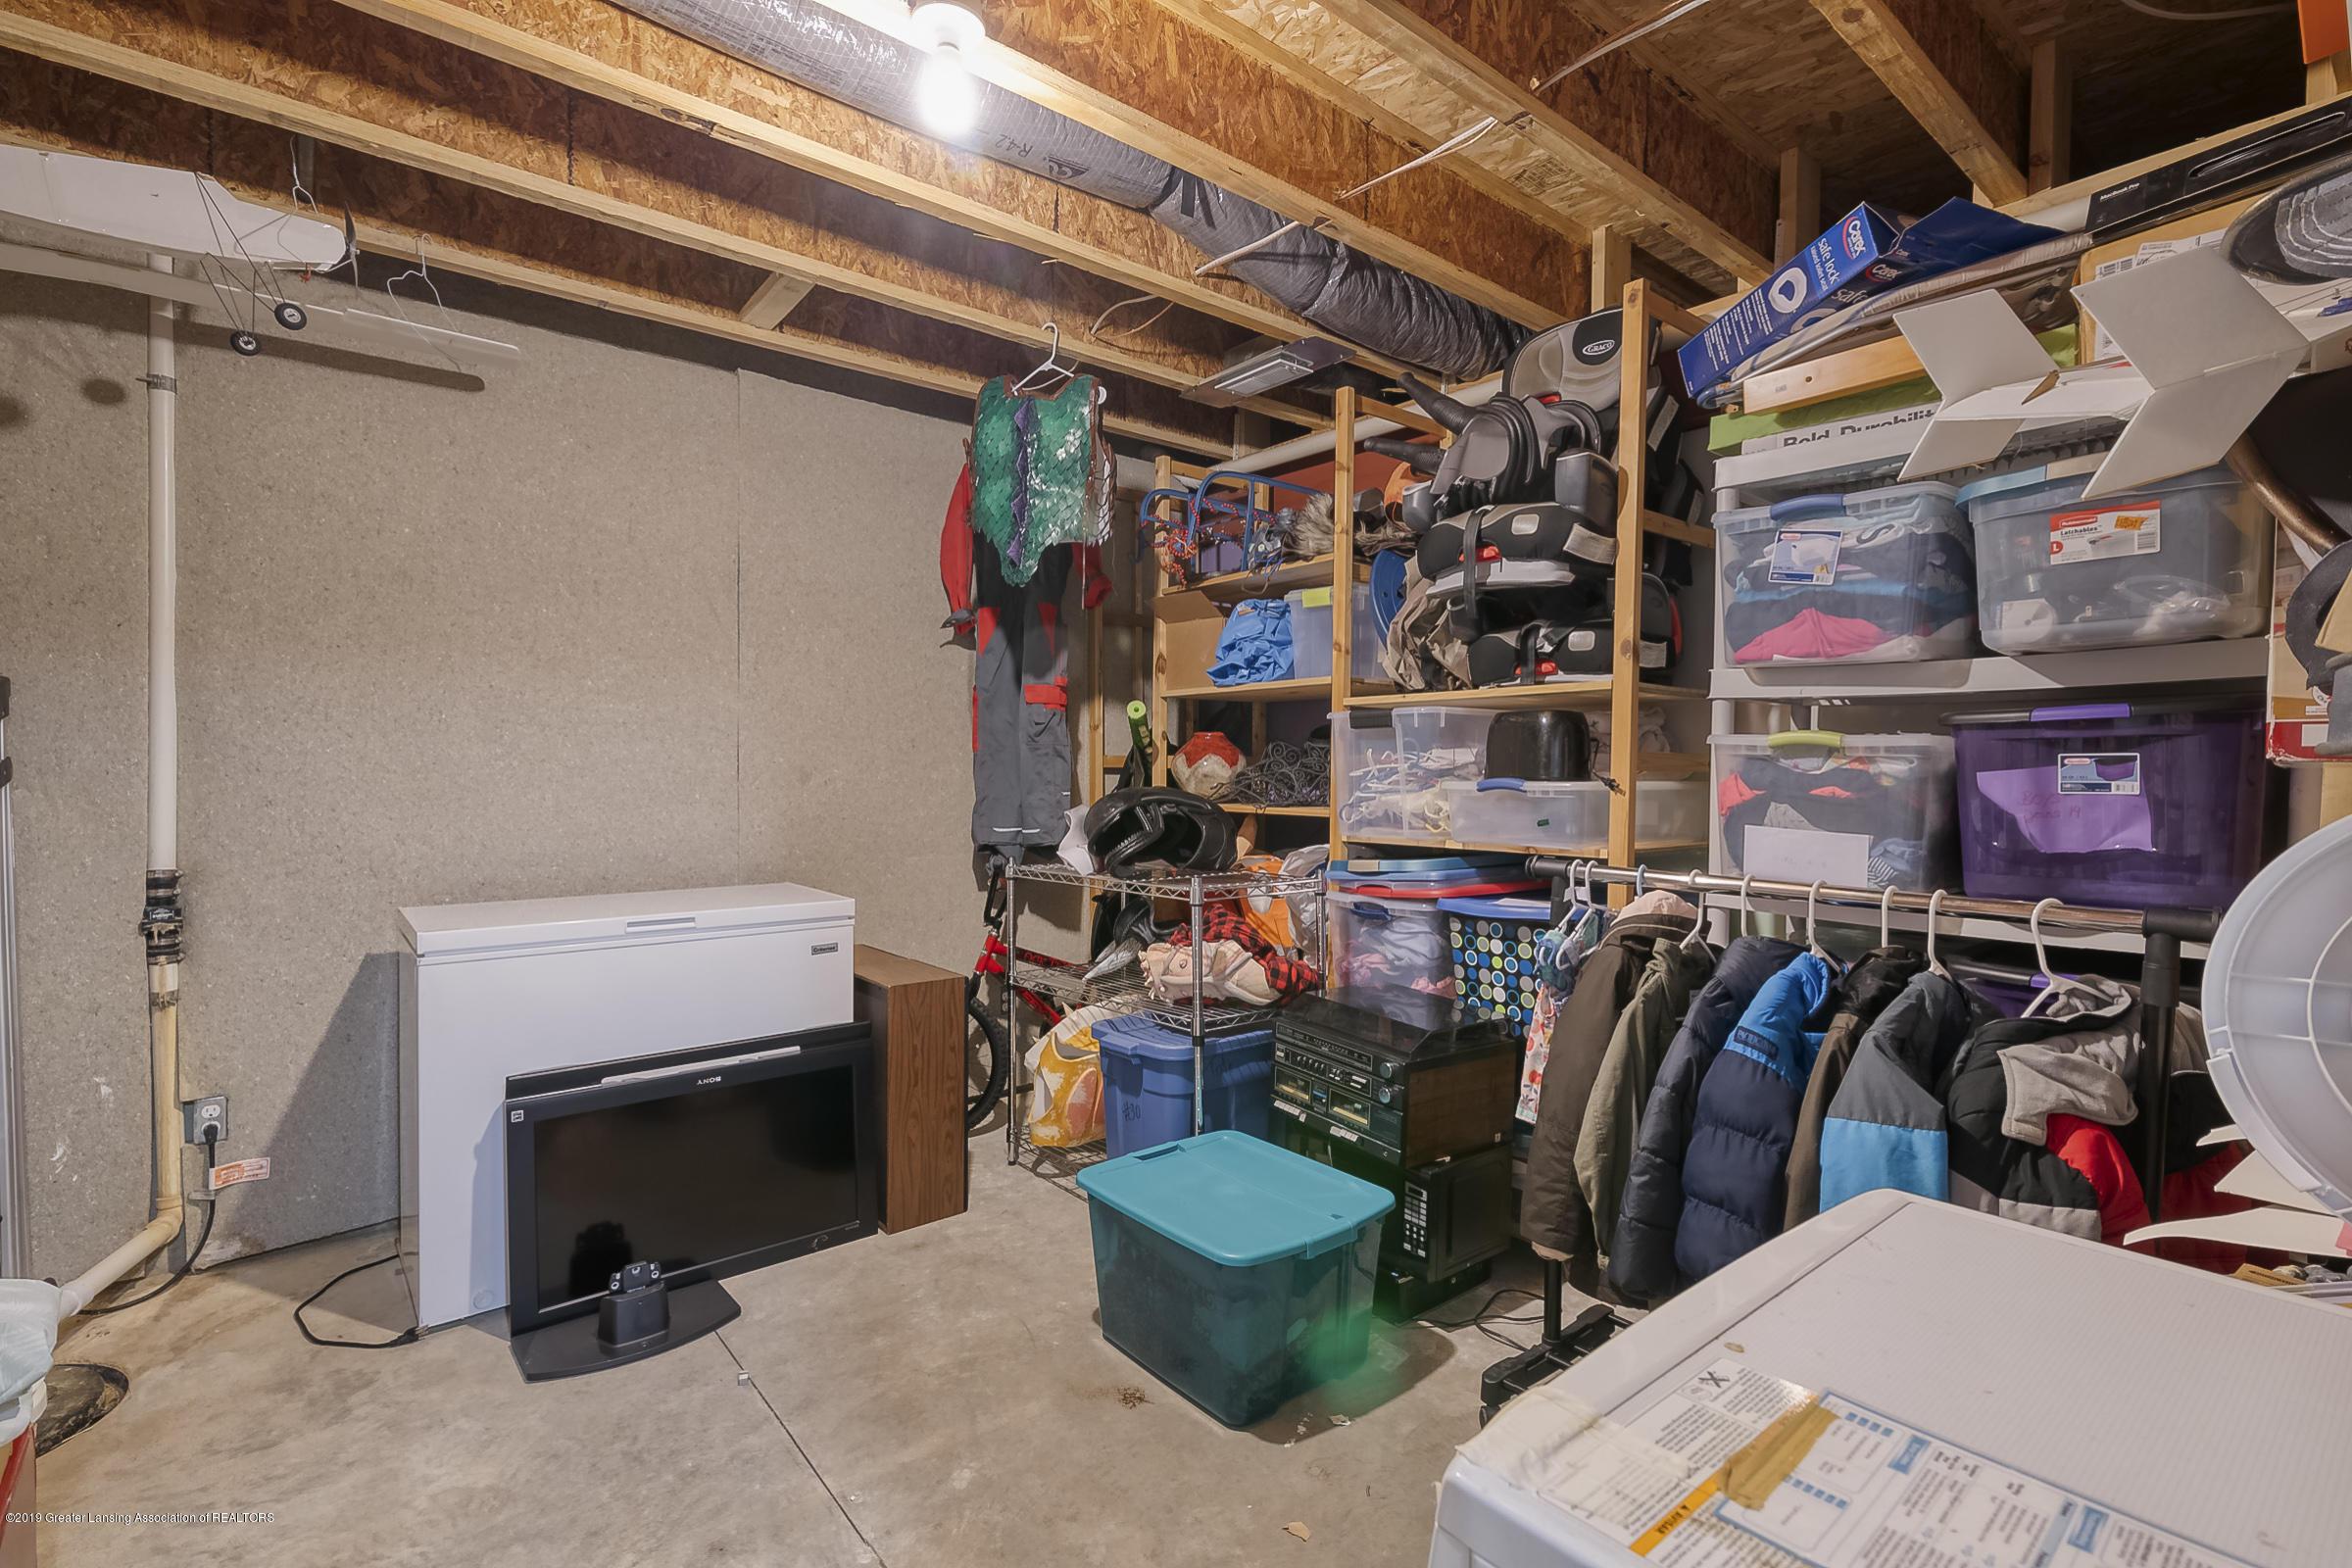 649 Willet Way - Storage room - 40